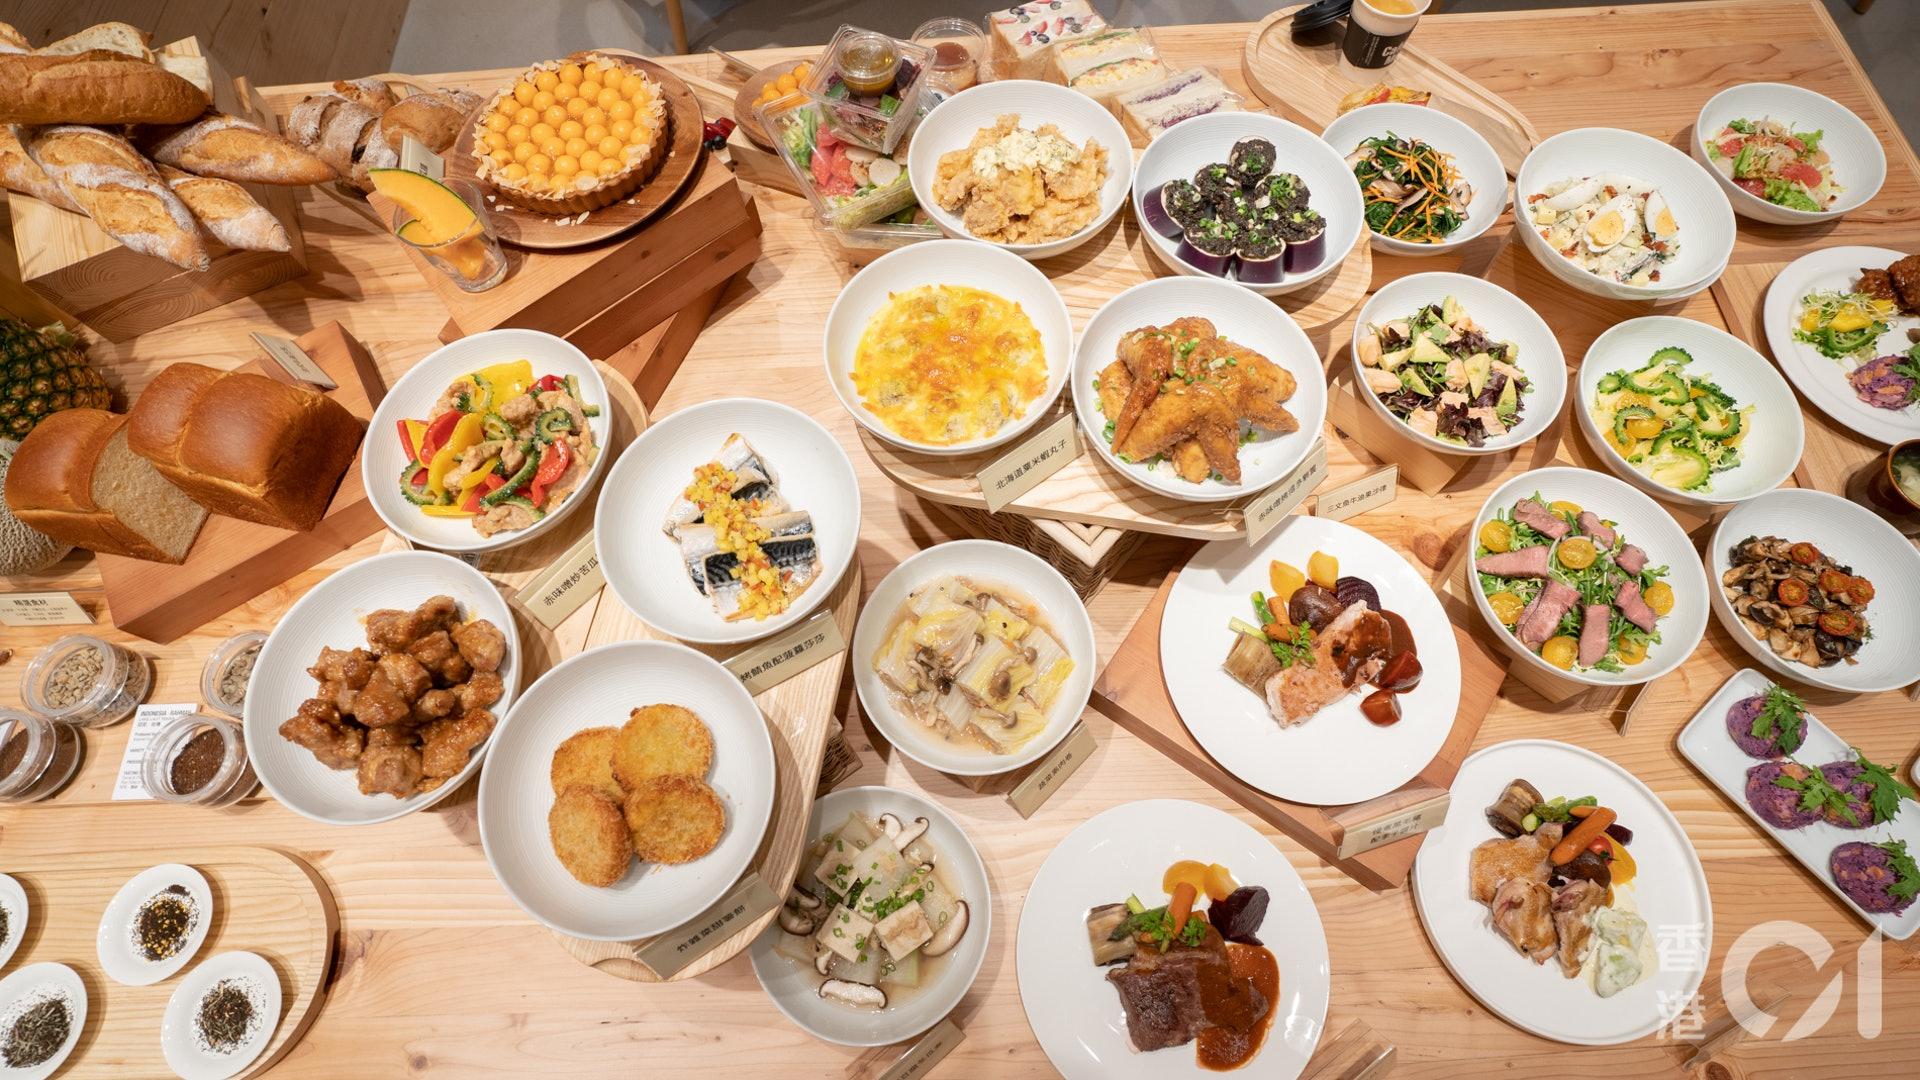 Café&Meal MUJI會根據季節轉換不同的餐單,最新的夏日餐單加入車厘茄、牛油果、沖繩苦瓜等20款冷熱料理及輕食套餐。